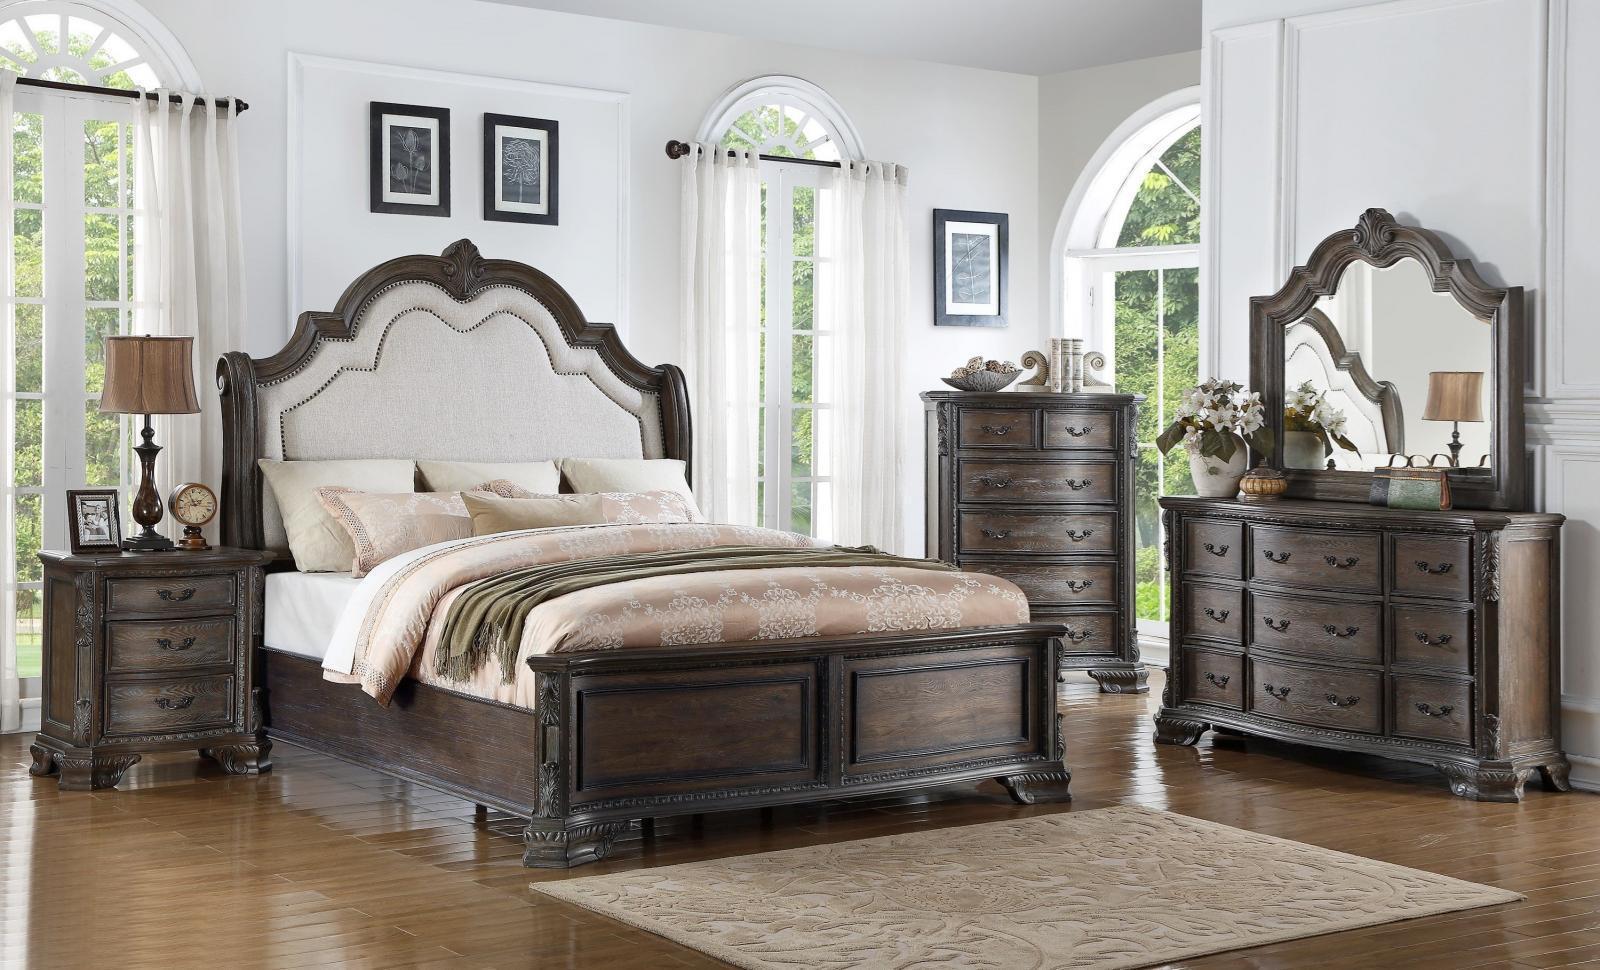 antique grey finish solid wood queen bedroom set 3pcs crown mark b1120 sheffield bedroom sets. Black Bedroom Furniture Sets. Home Design Ideas